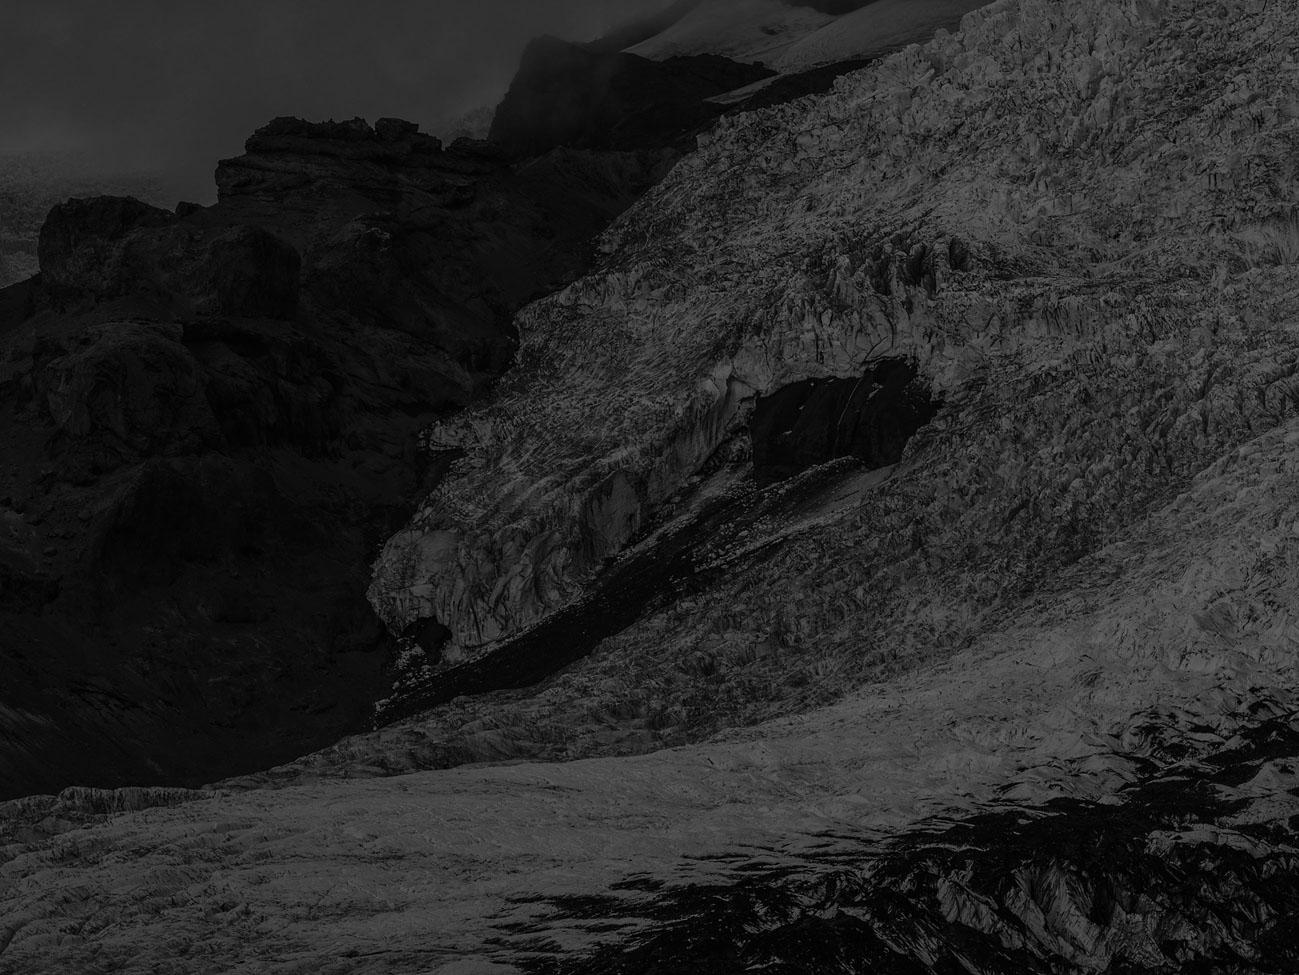 glacier_002_31.5×42